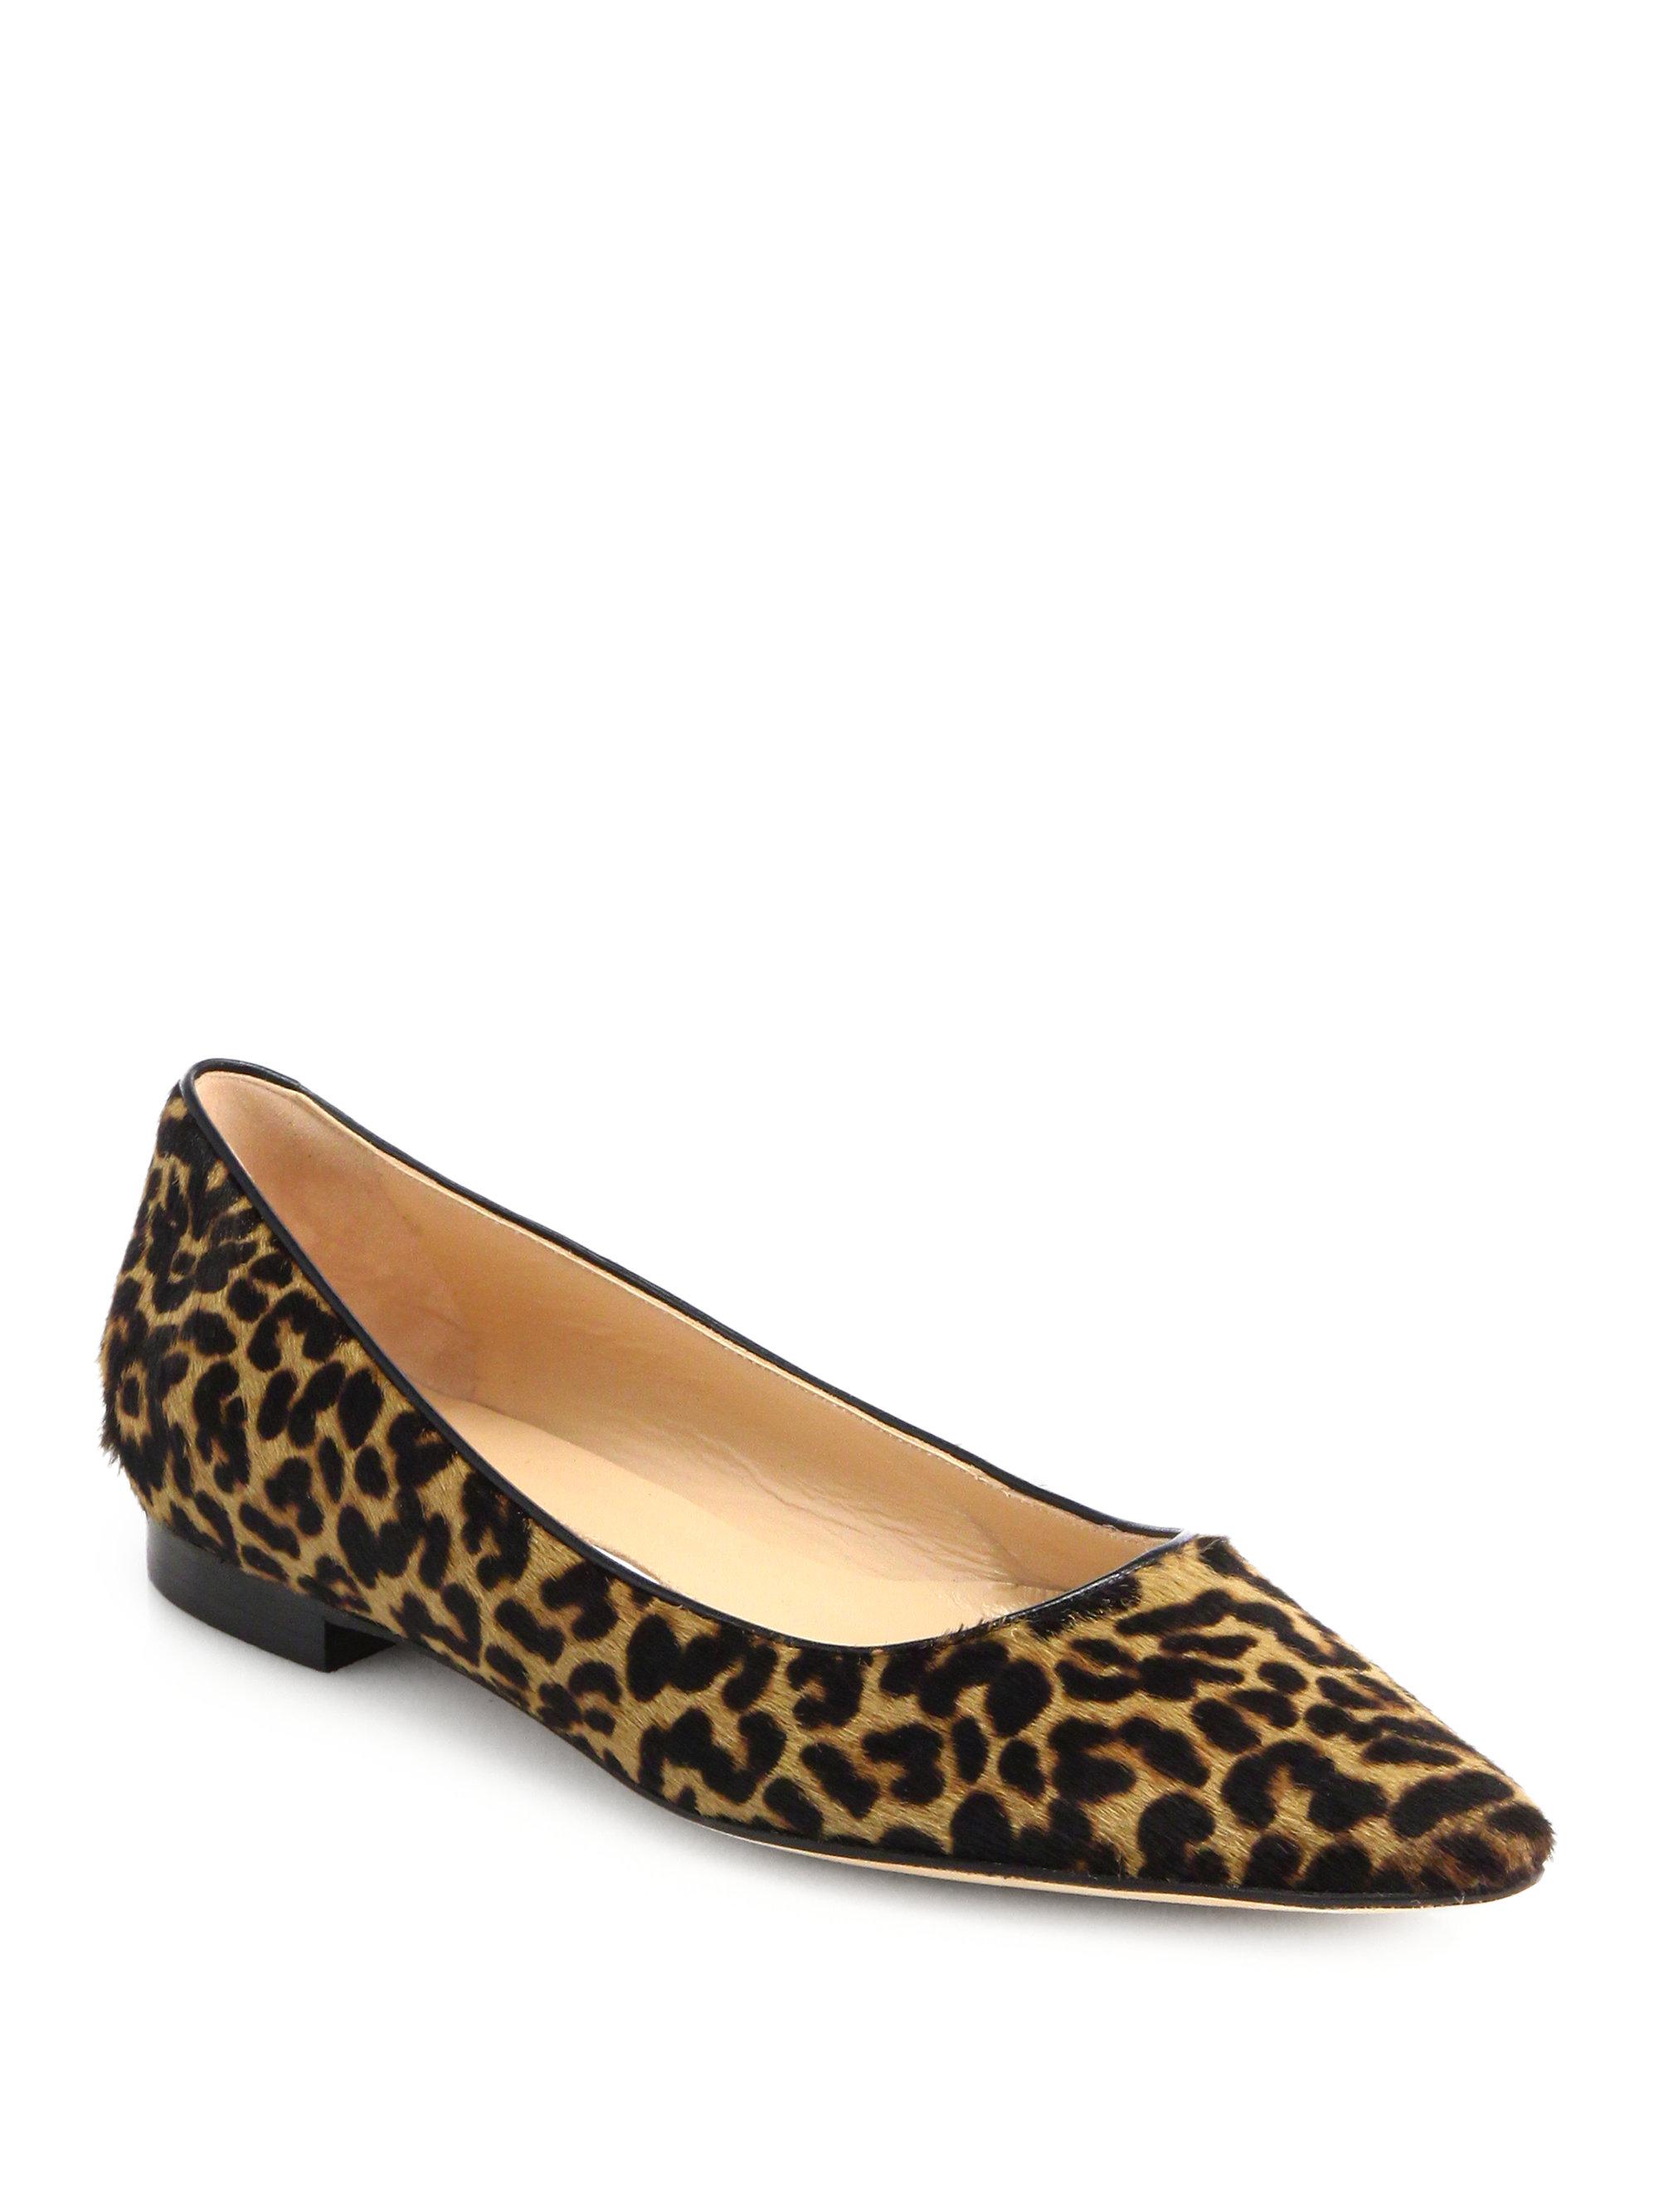 355fcd76fea7 switzerland manolo blahnik leopard flats bdeff d16c0